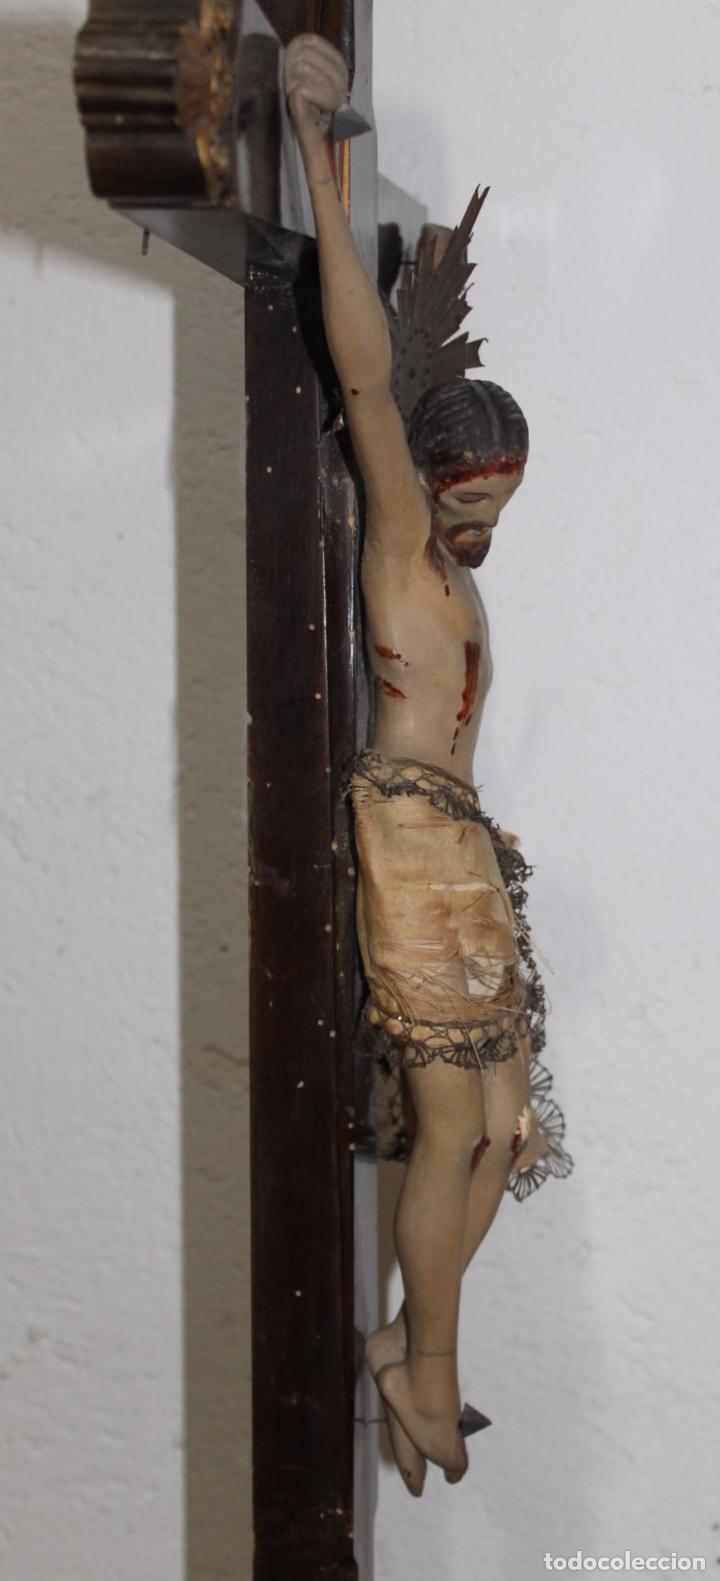 Arte: CRISTO ISABELINO EN TALLA DE MADERA POLICROMADA - CRUZ CON REMATES DORADOS - SIGLO XIX - Foto 18 - 180910910